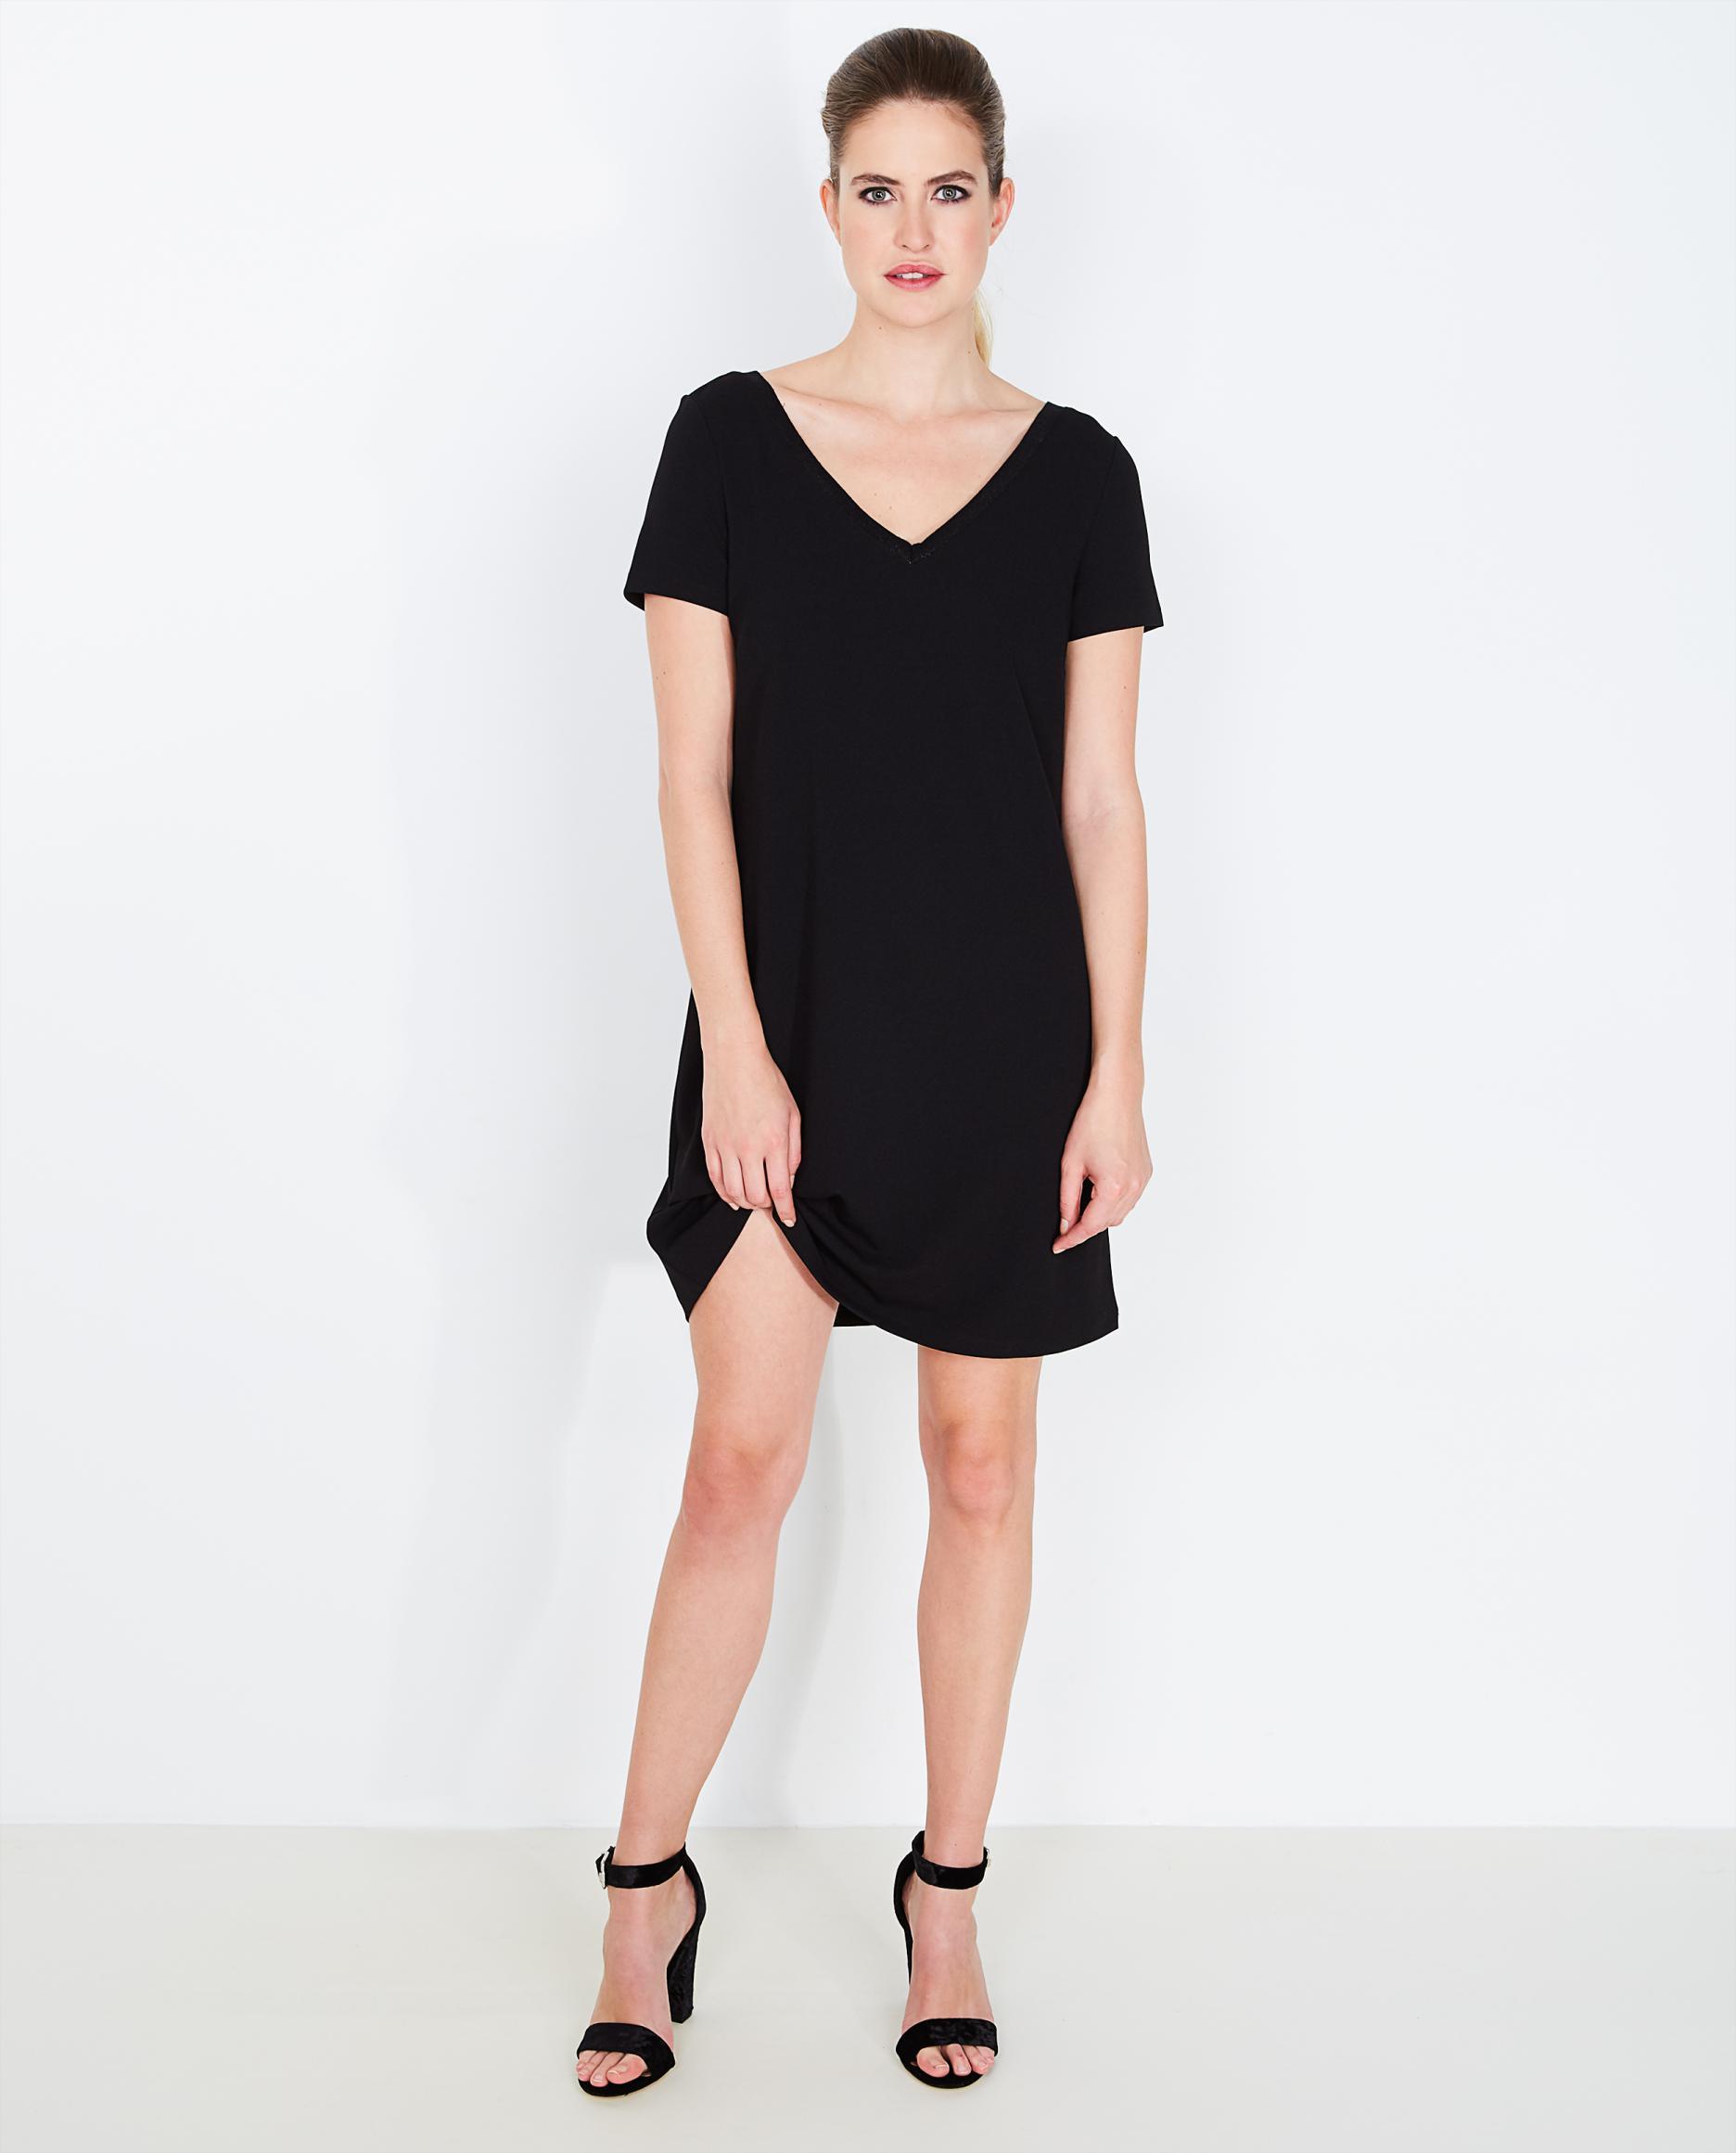 Платье для женщины 40 лет простое